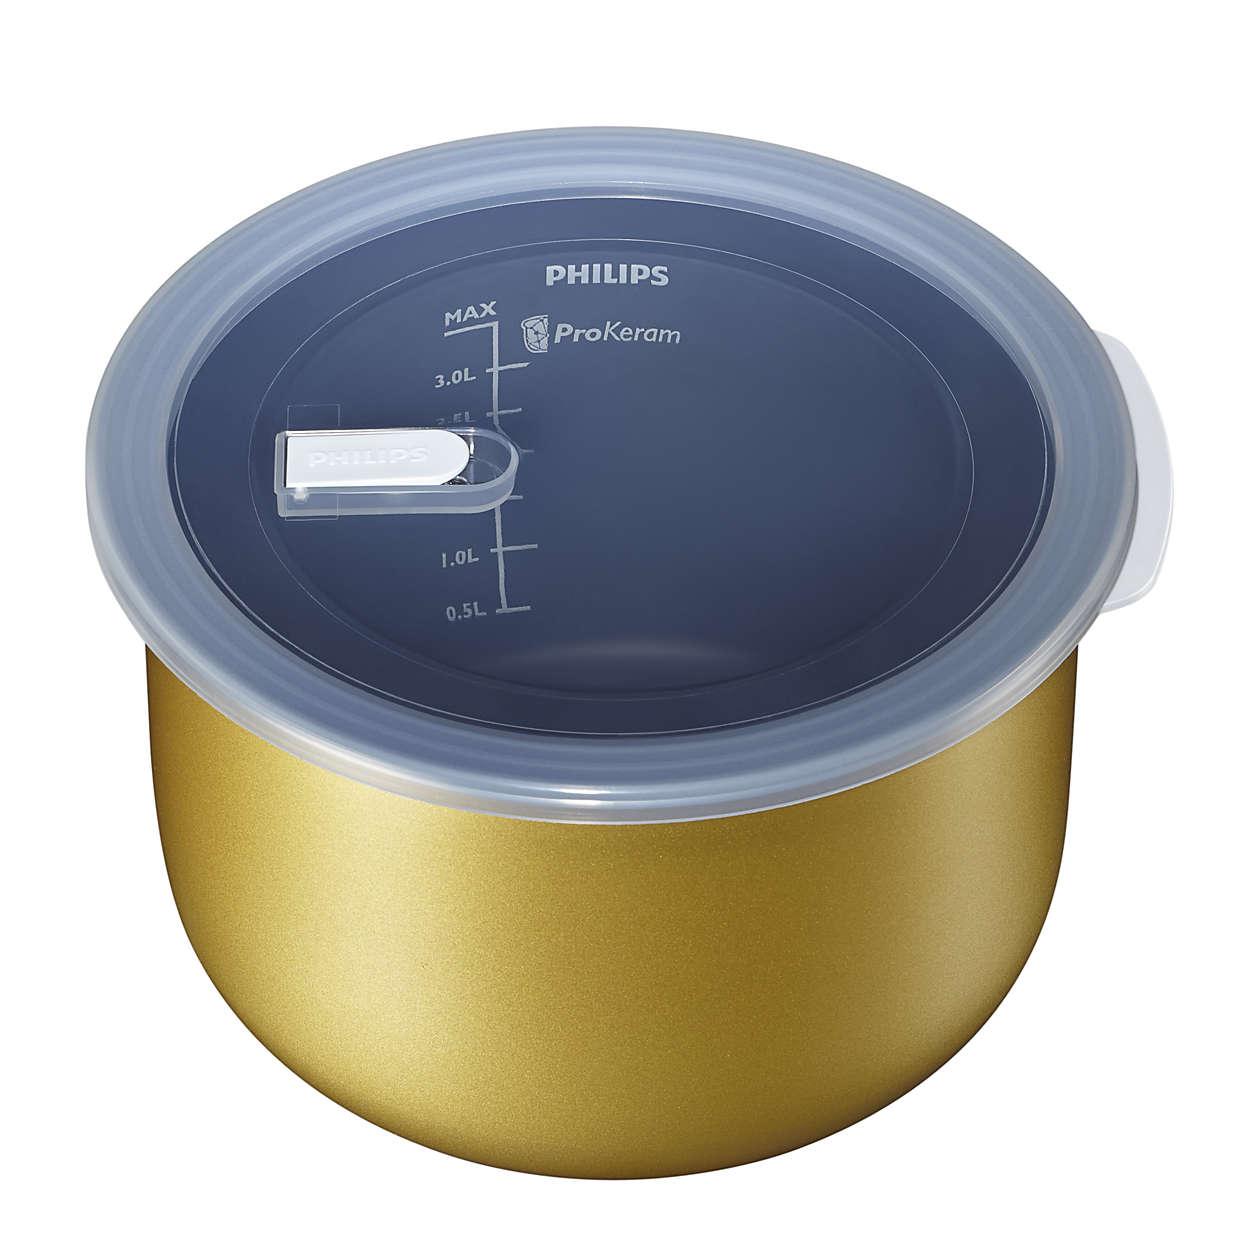 Cuve avec couvercle pour  Philips Multicuiseur